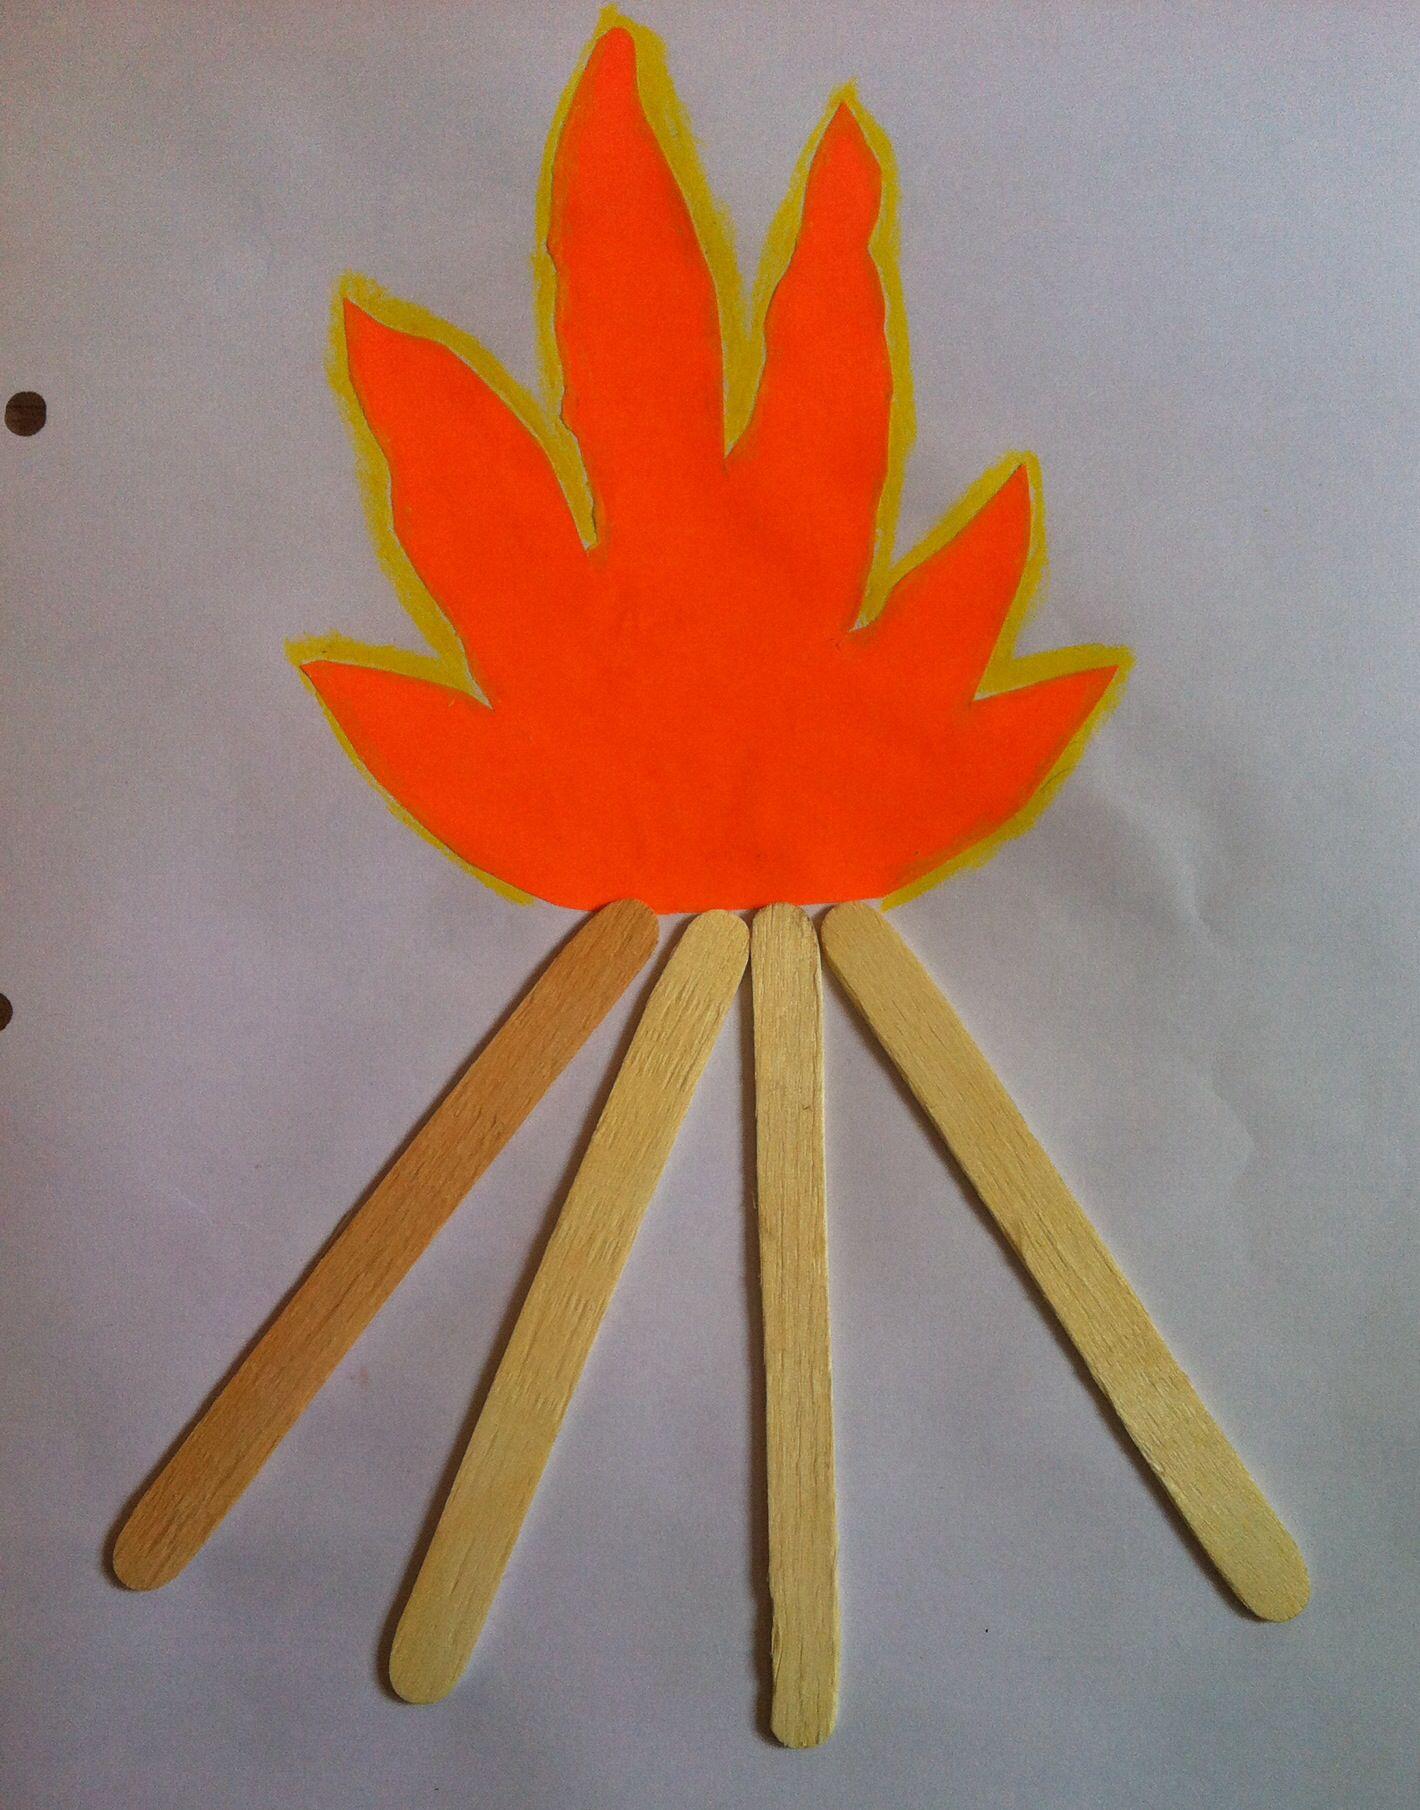 nieuwe lagere prijzen nieuwe authentiek goede textuur Bhogi/ Lohri craft - fire | School projects and craft ideas ...